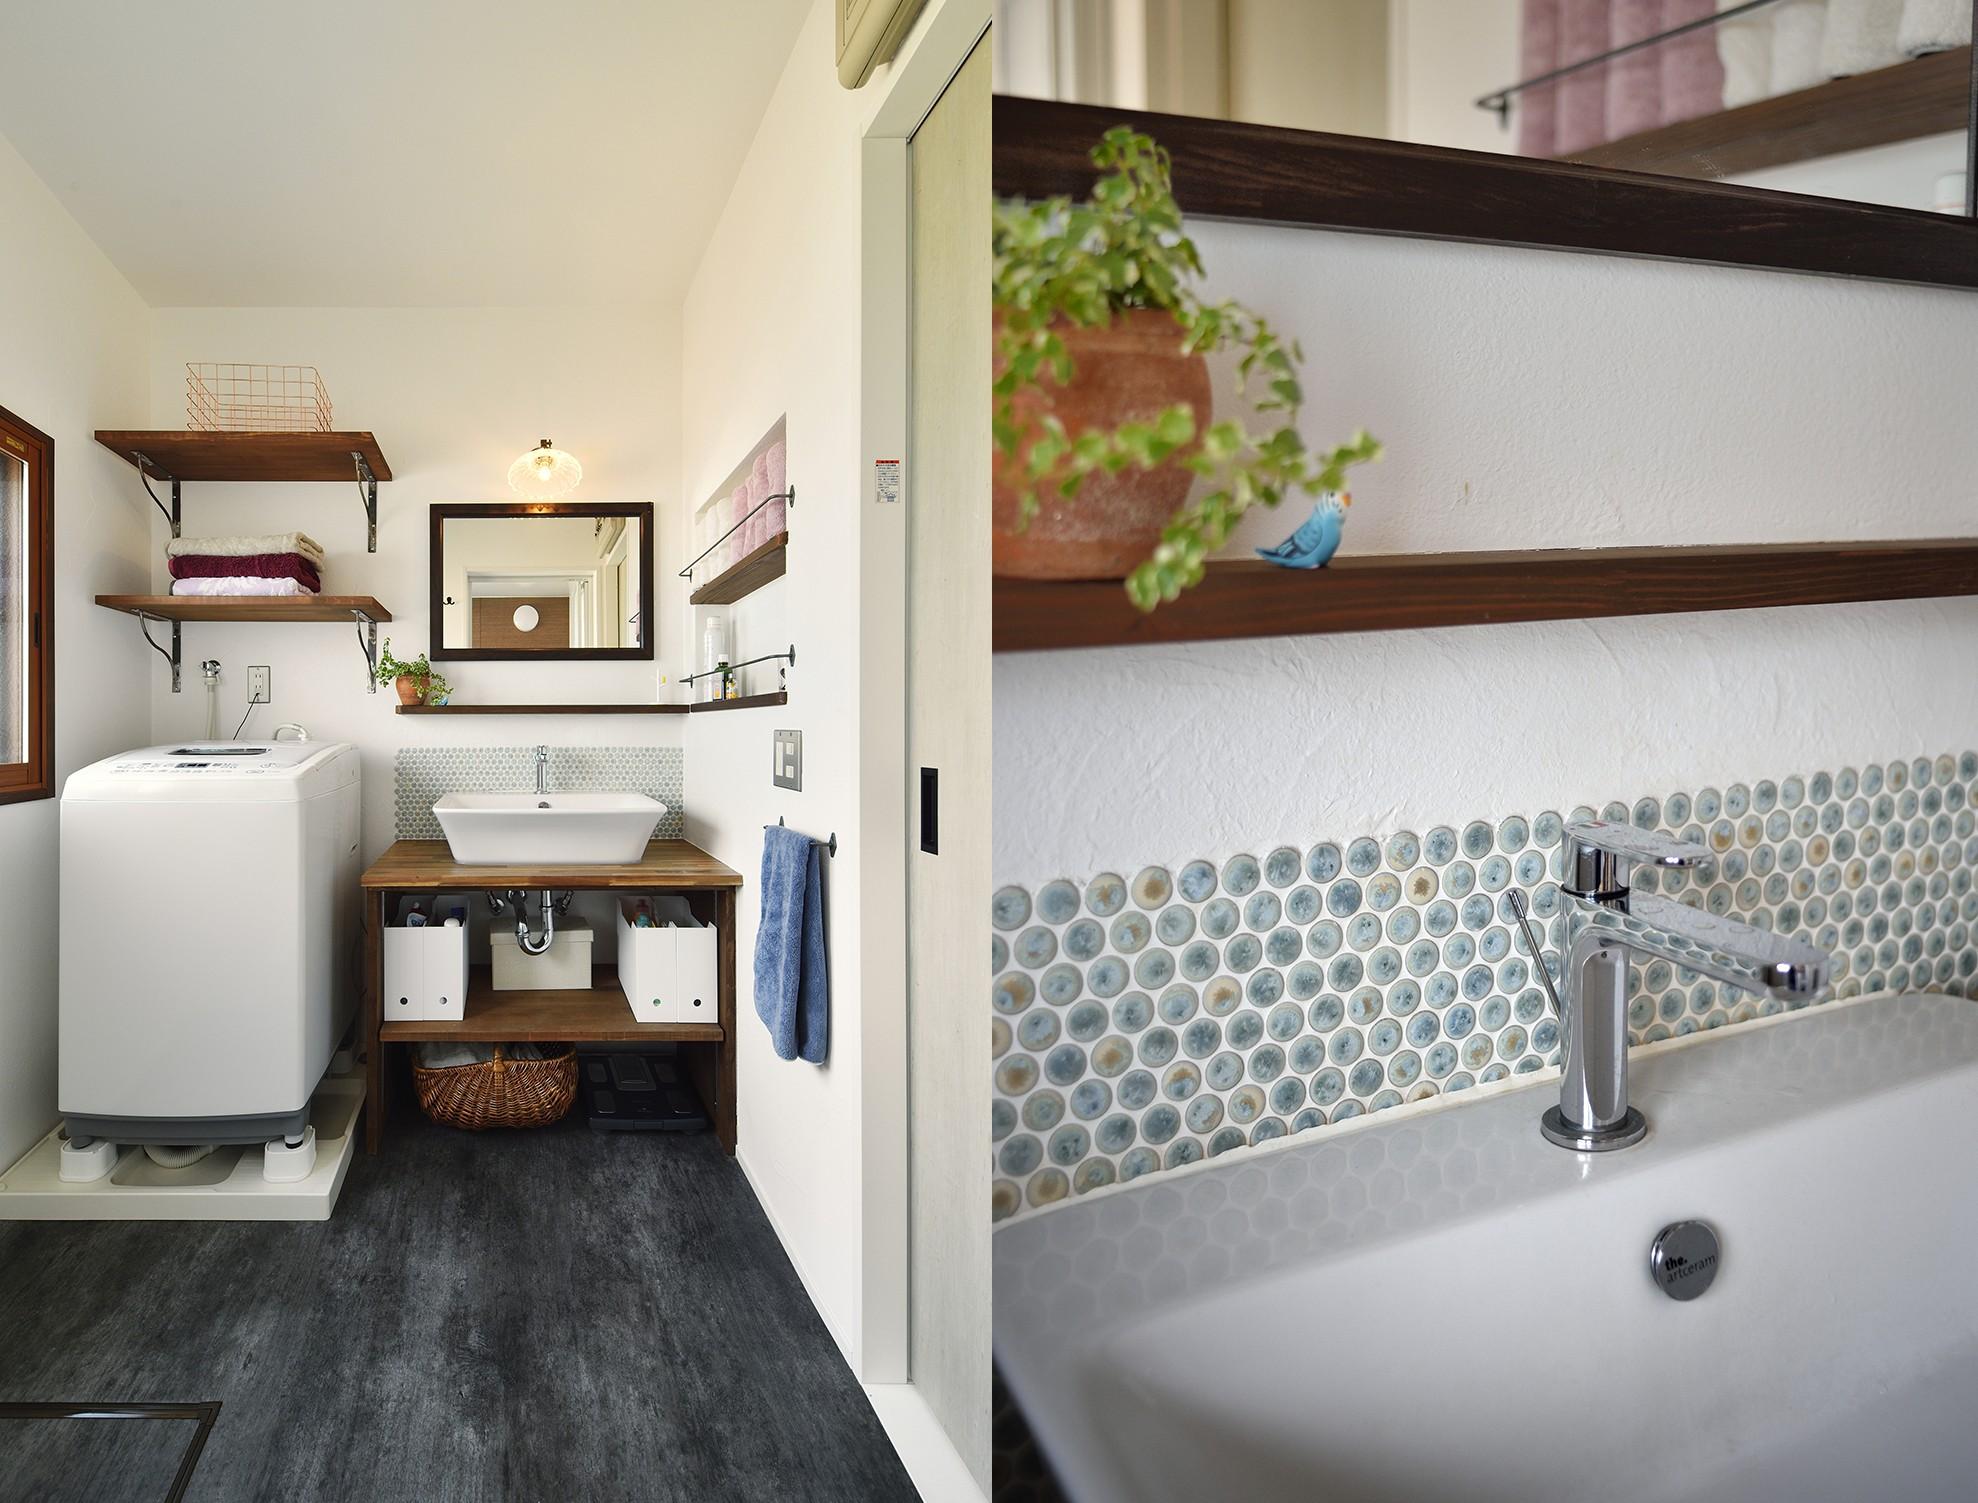 バス/トイレ事例:マニッシュな洗面スペース(お家カフェ ダイニングをカフェスタイルに)